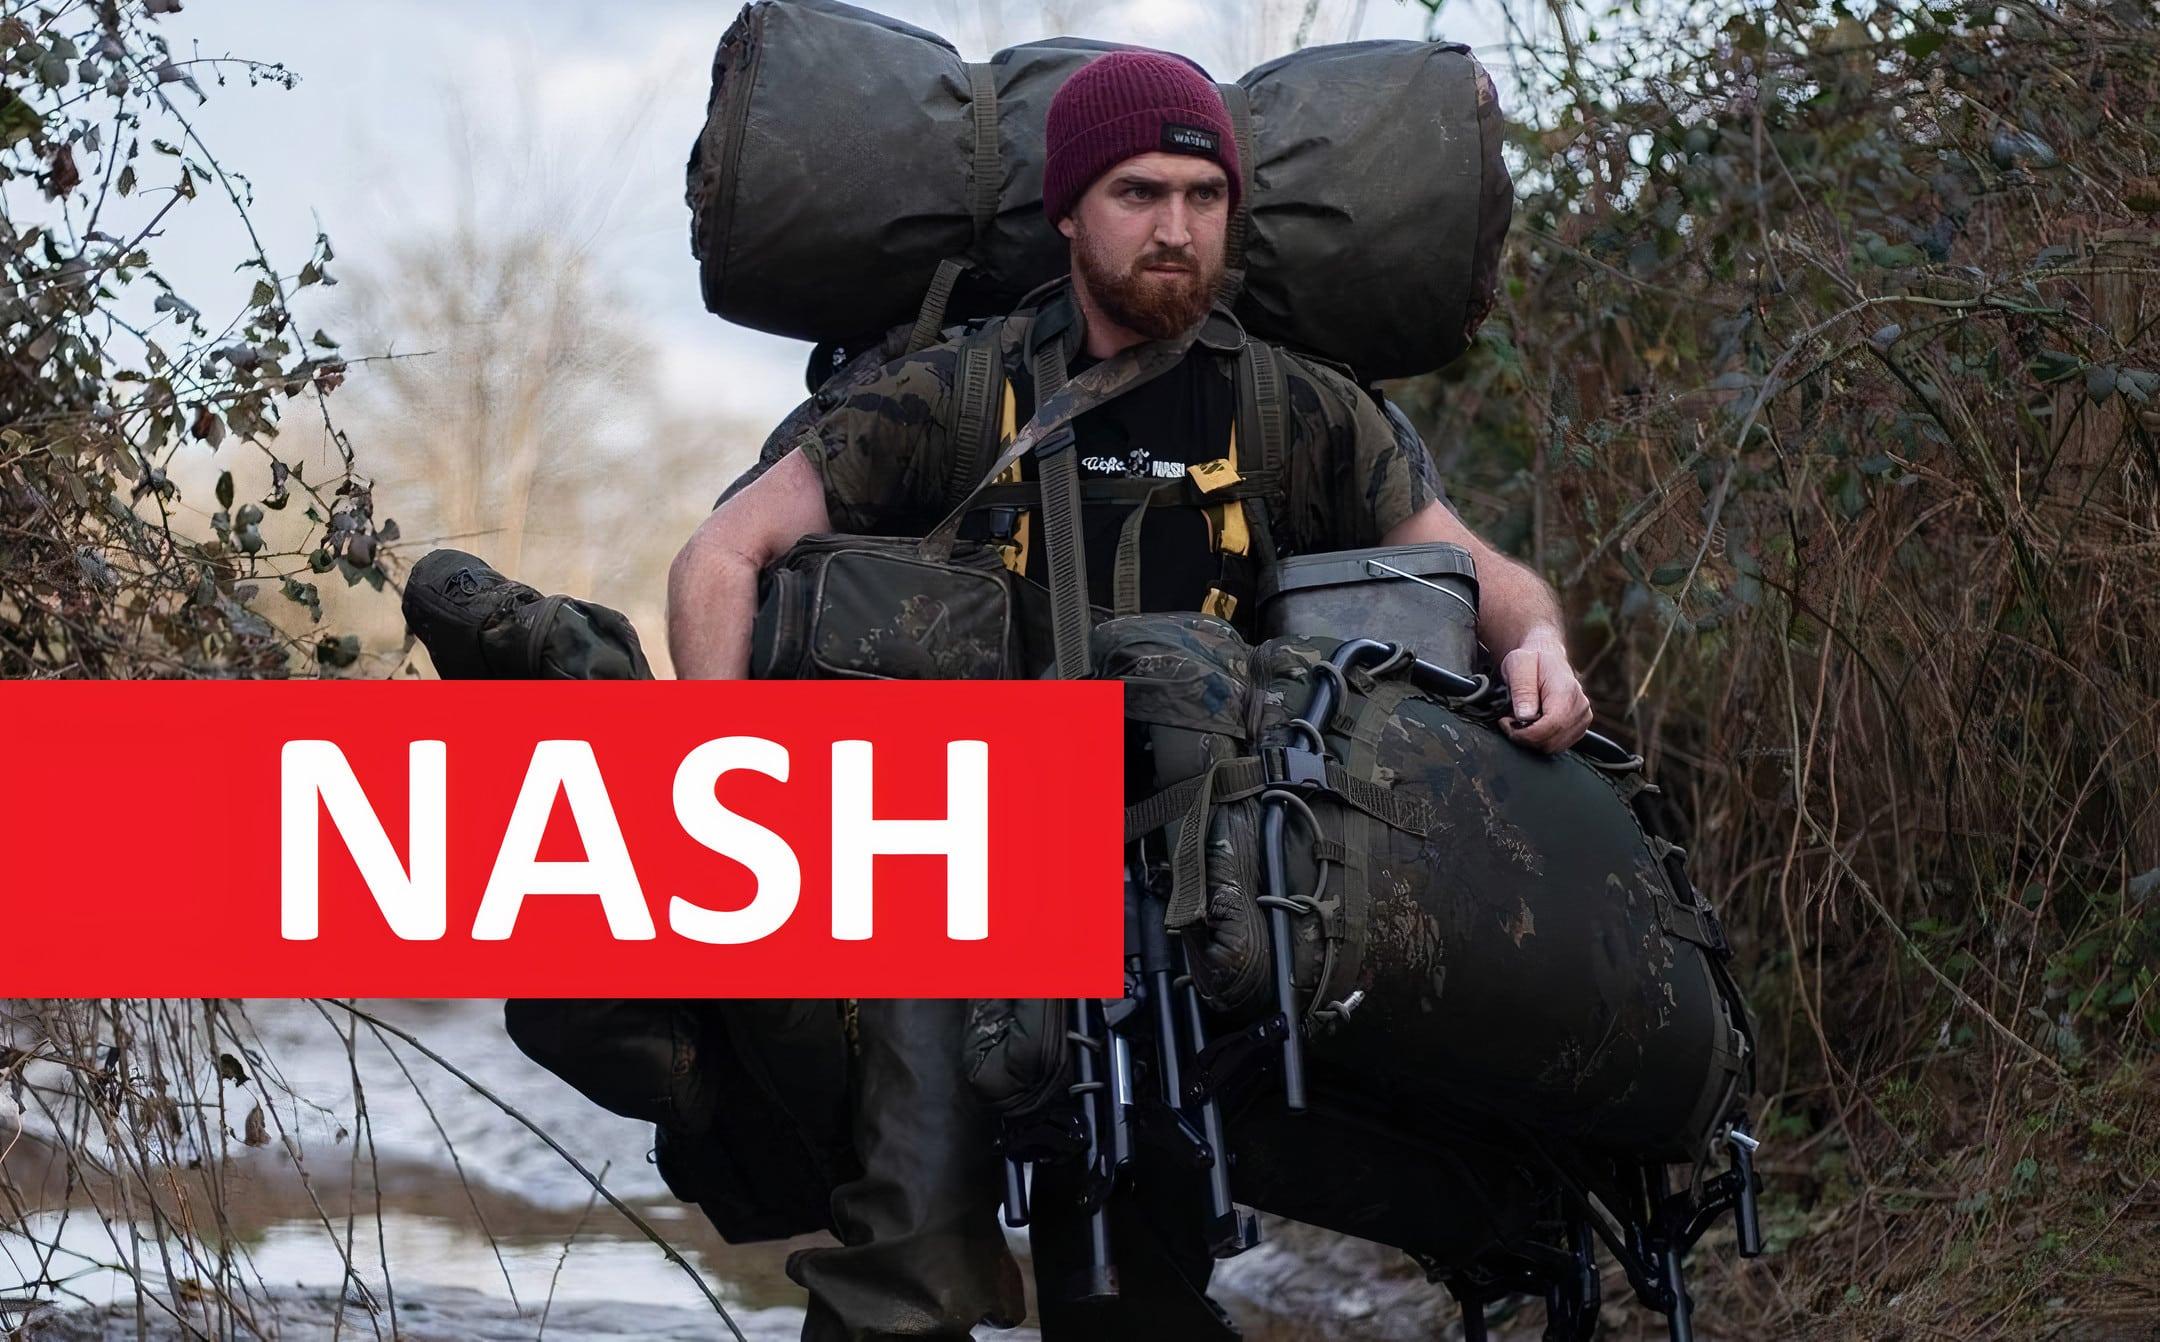 Brutální výprodej NASH: Obrovské slevy na nadupané vybavení od anglické firmy! Poslední kusy!